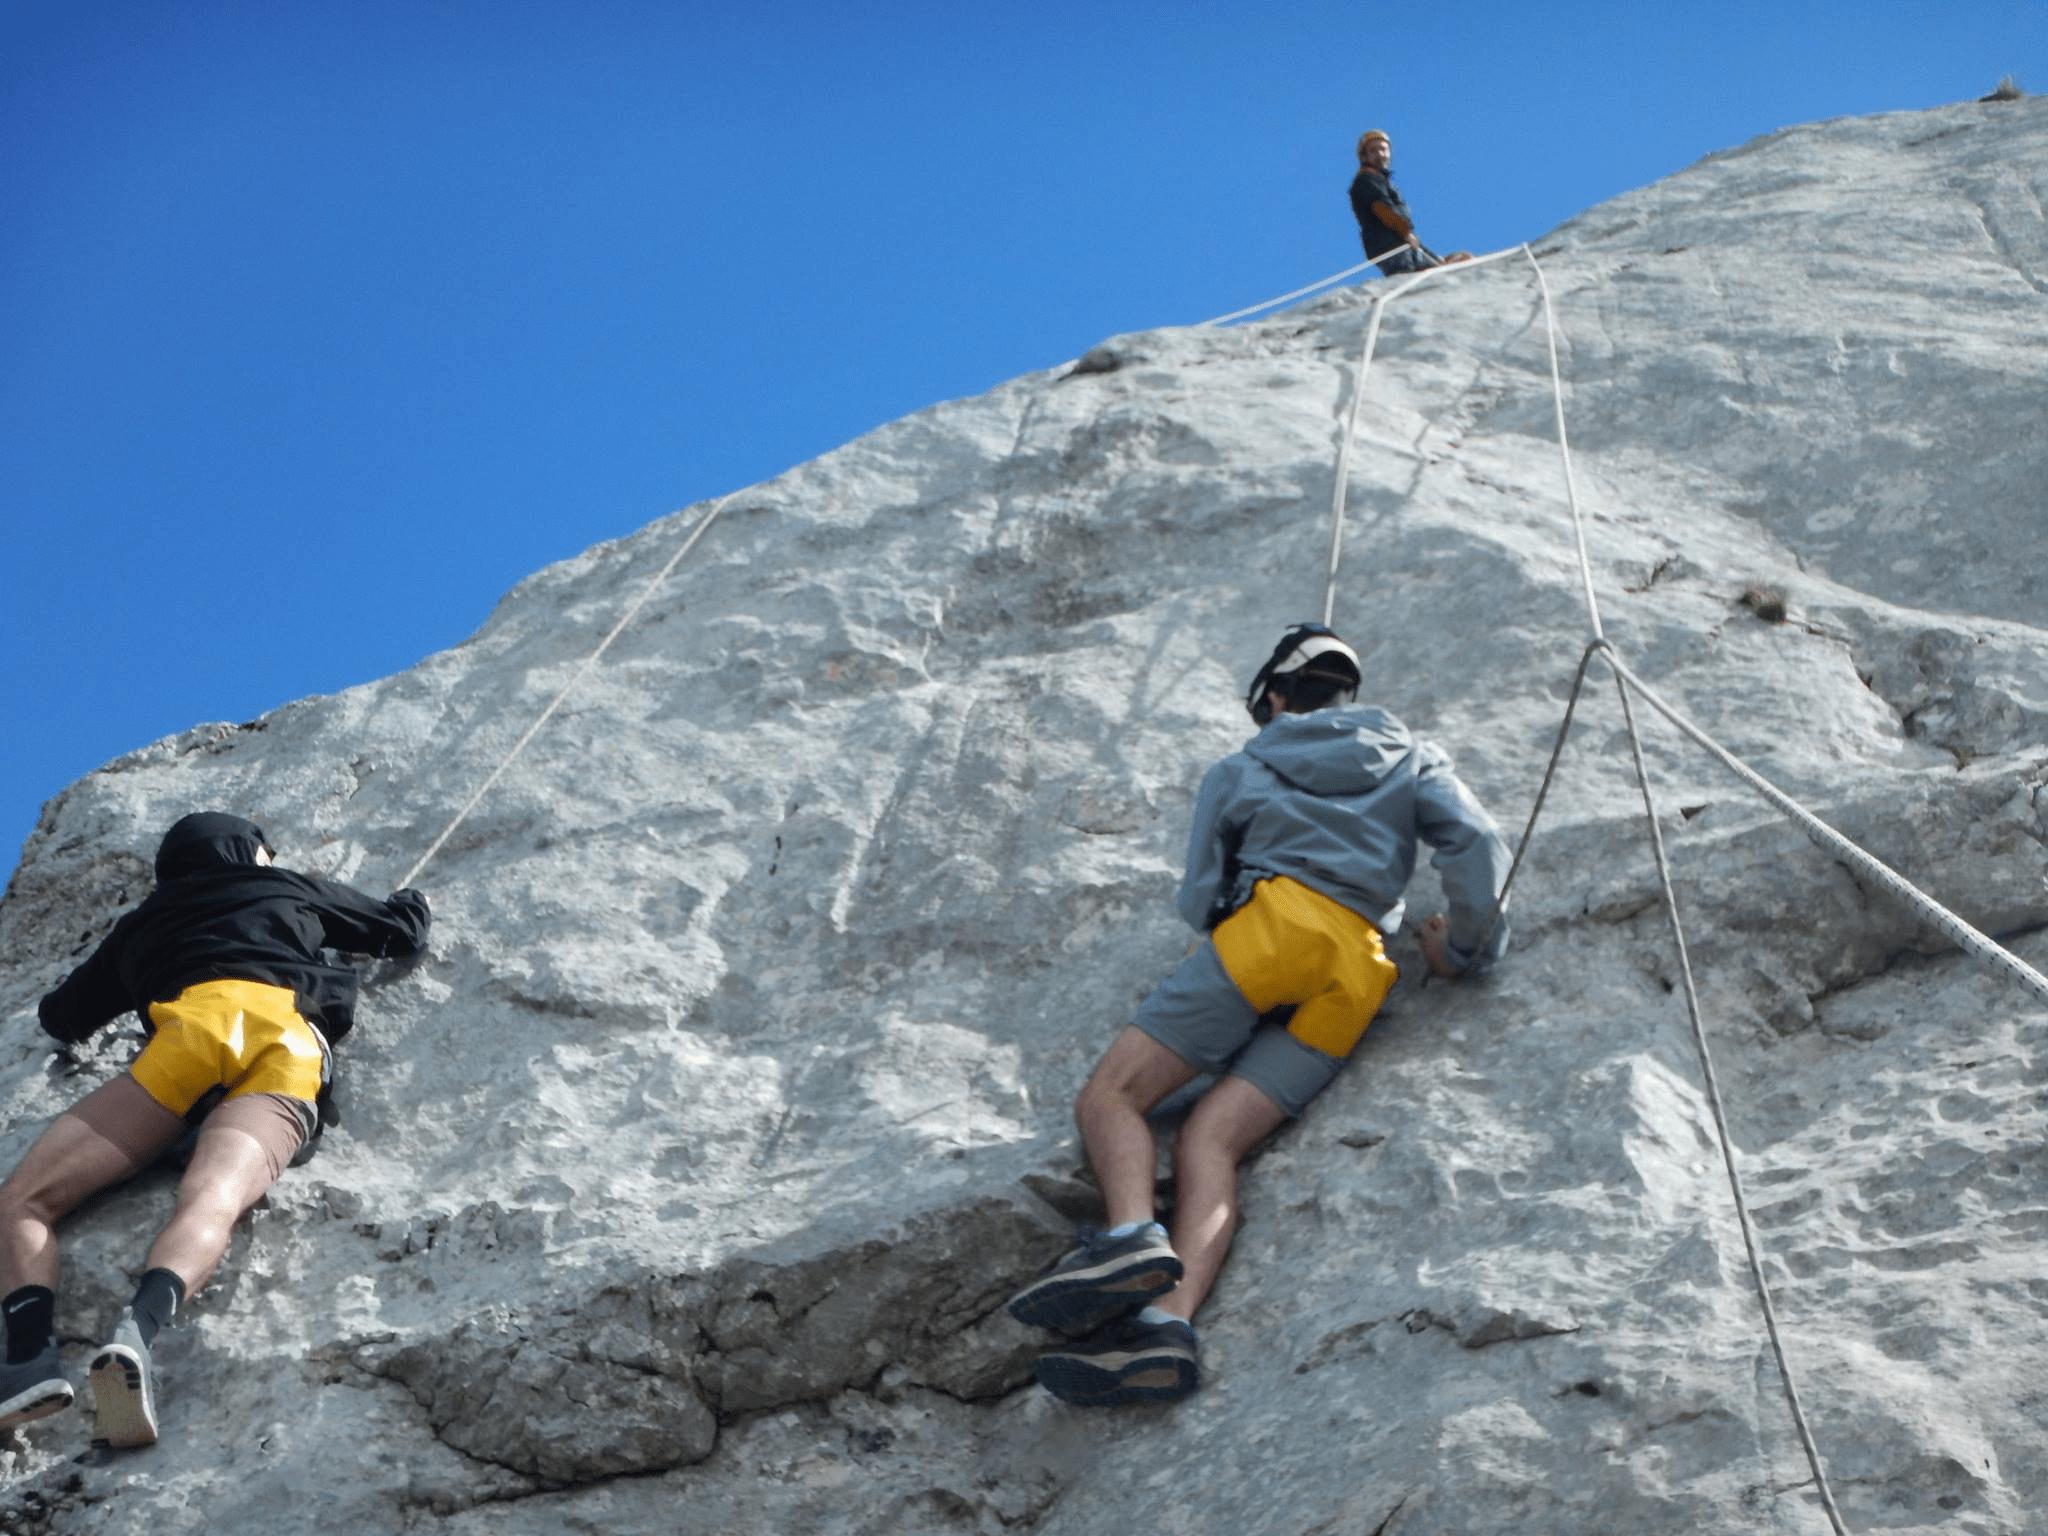 Kletterausrüstung Preis : Kletterausrüstung günstig klettershop versand